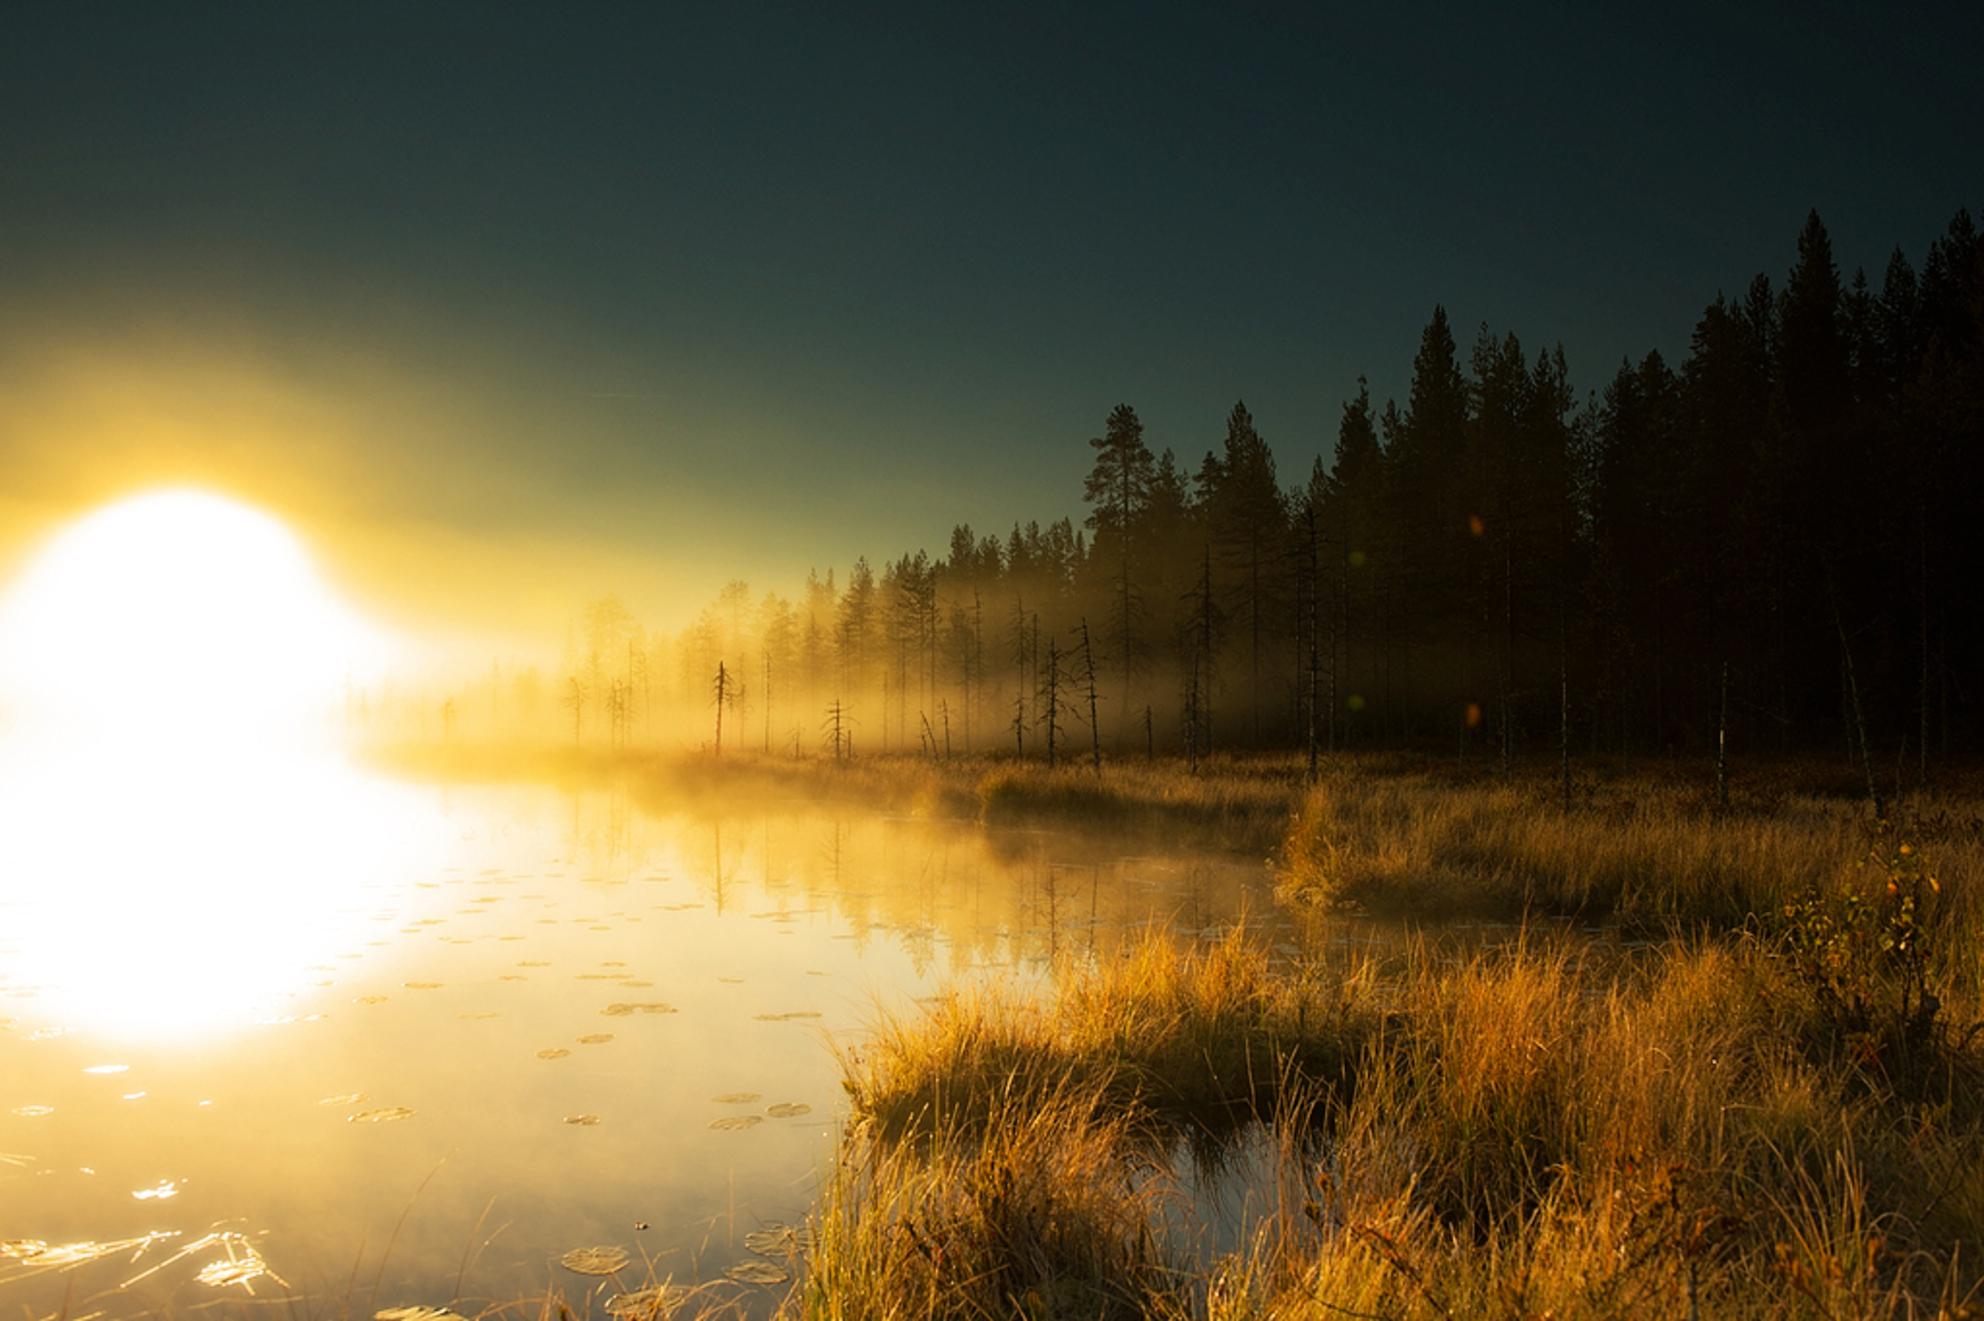 Zonsopgang - Zeer vroeg opgestaan want de weersvoorspellingen zagen er gunstig uit voor een zonsopgang. Eenmaal aangekomen bij het meer hing er een mooie laag mis - foto door SilverRain op 13-10-2013 - deze foto bevat: landschap, nikon, finland, d4, 24-70